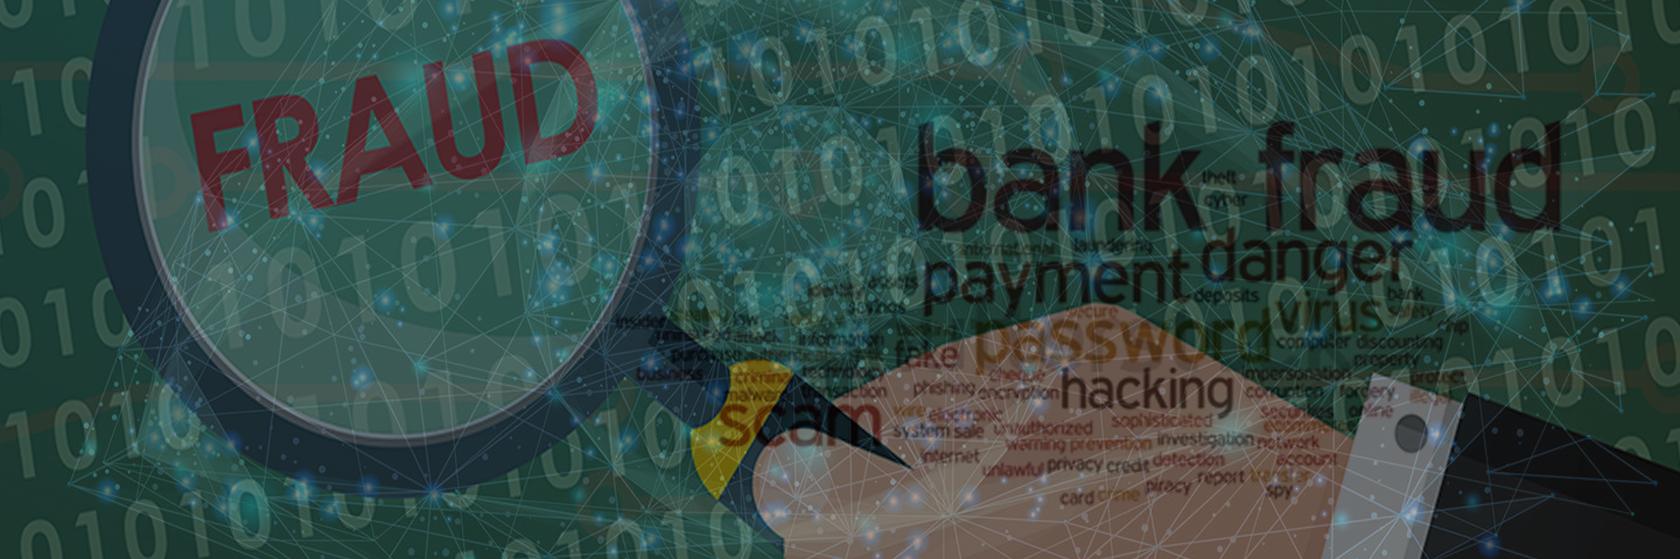 Fraud detection using AI